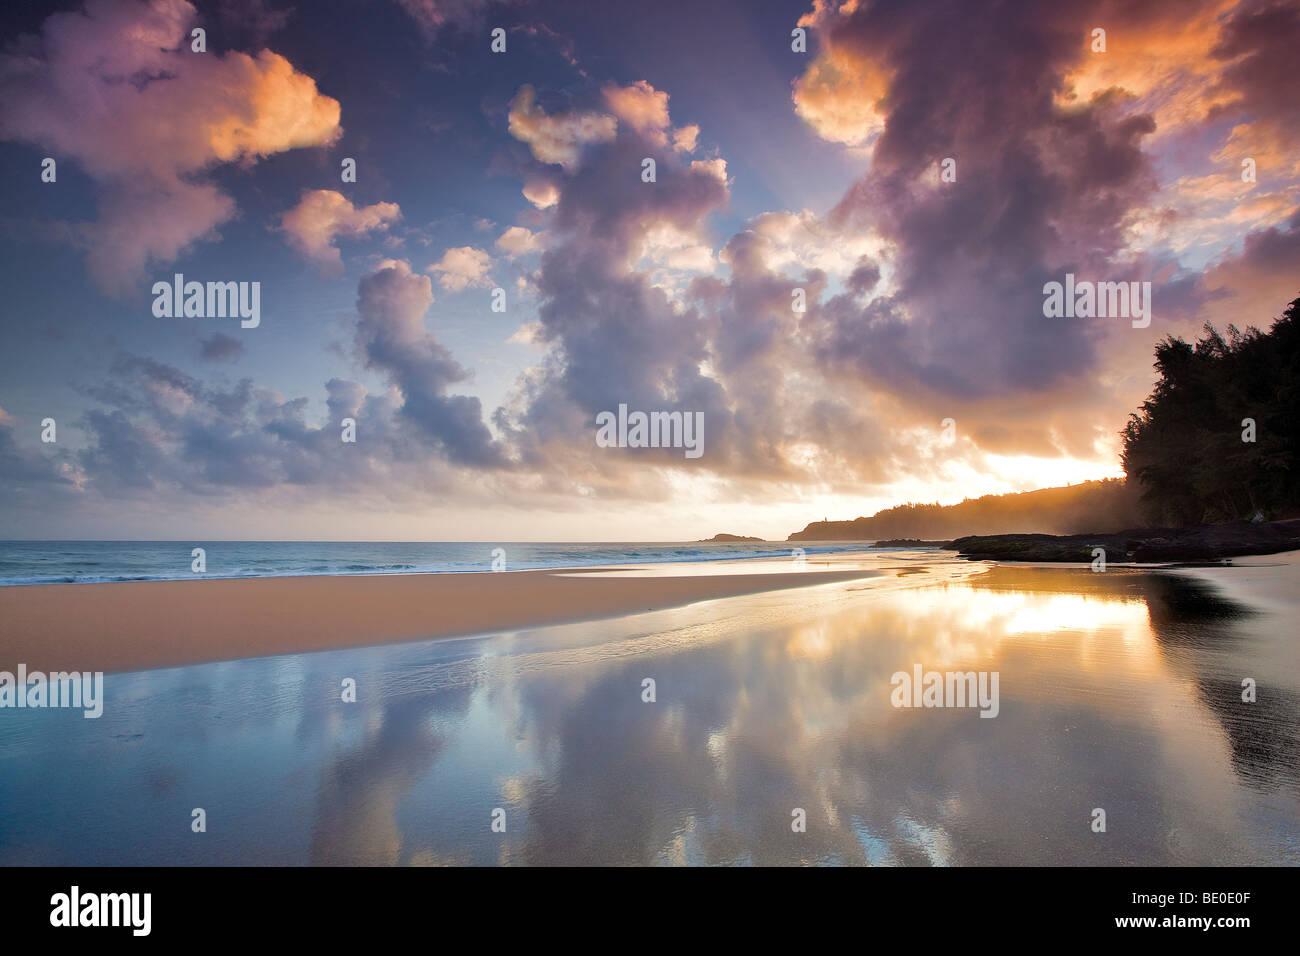 Sunrise at low tide at Secret Beach. Kauai, Hawaii. Stock Photo